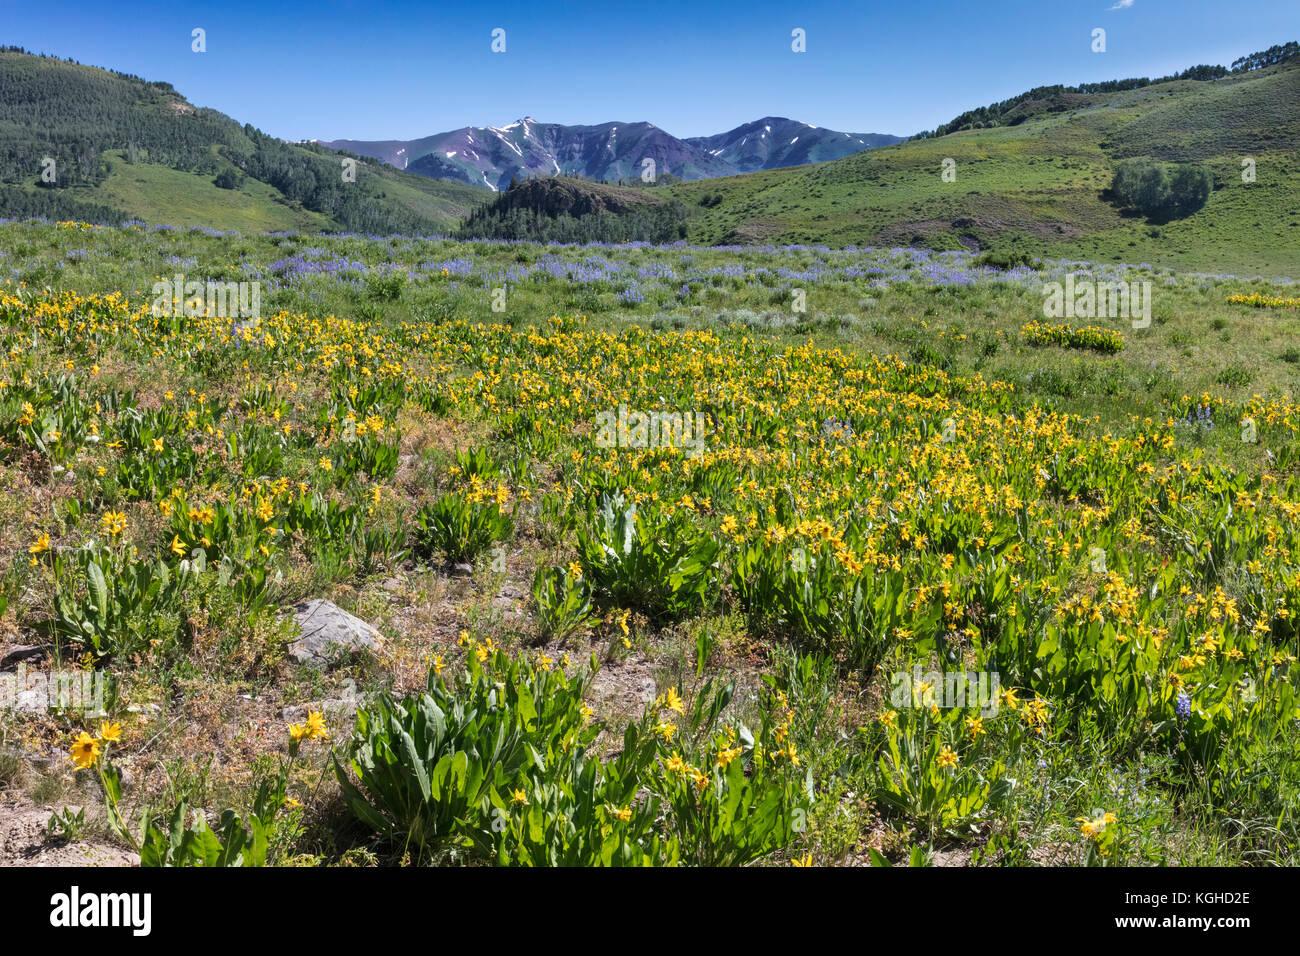 Wildflower Meadow - Lupine & Mule's Ears (near Crested Butte, CO) - Stock Image